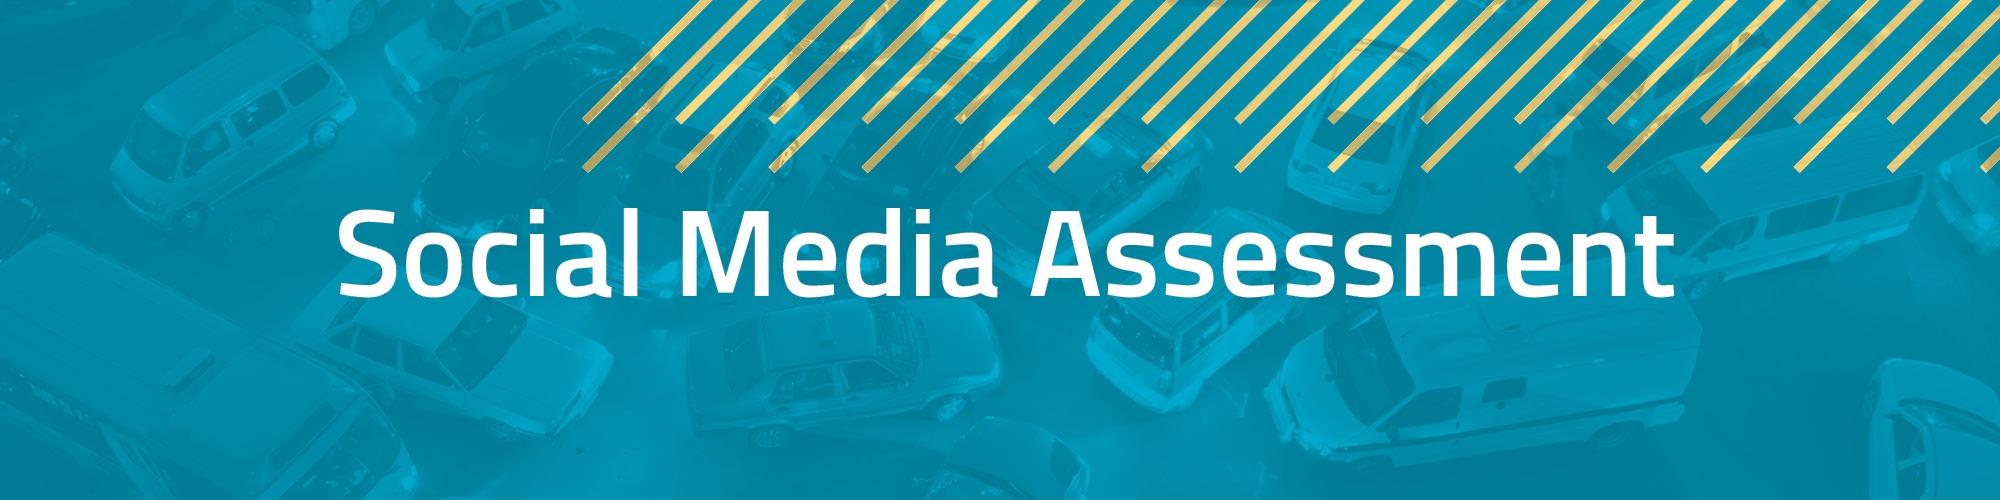 Imagewerks Marketing Social Media Assessment